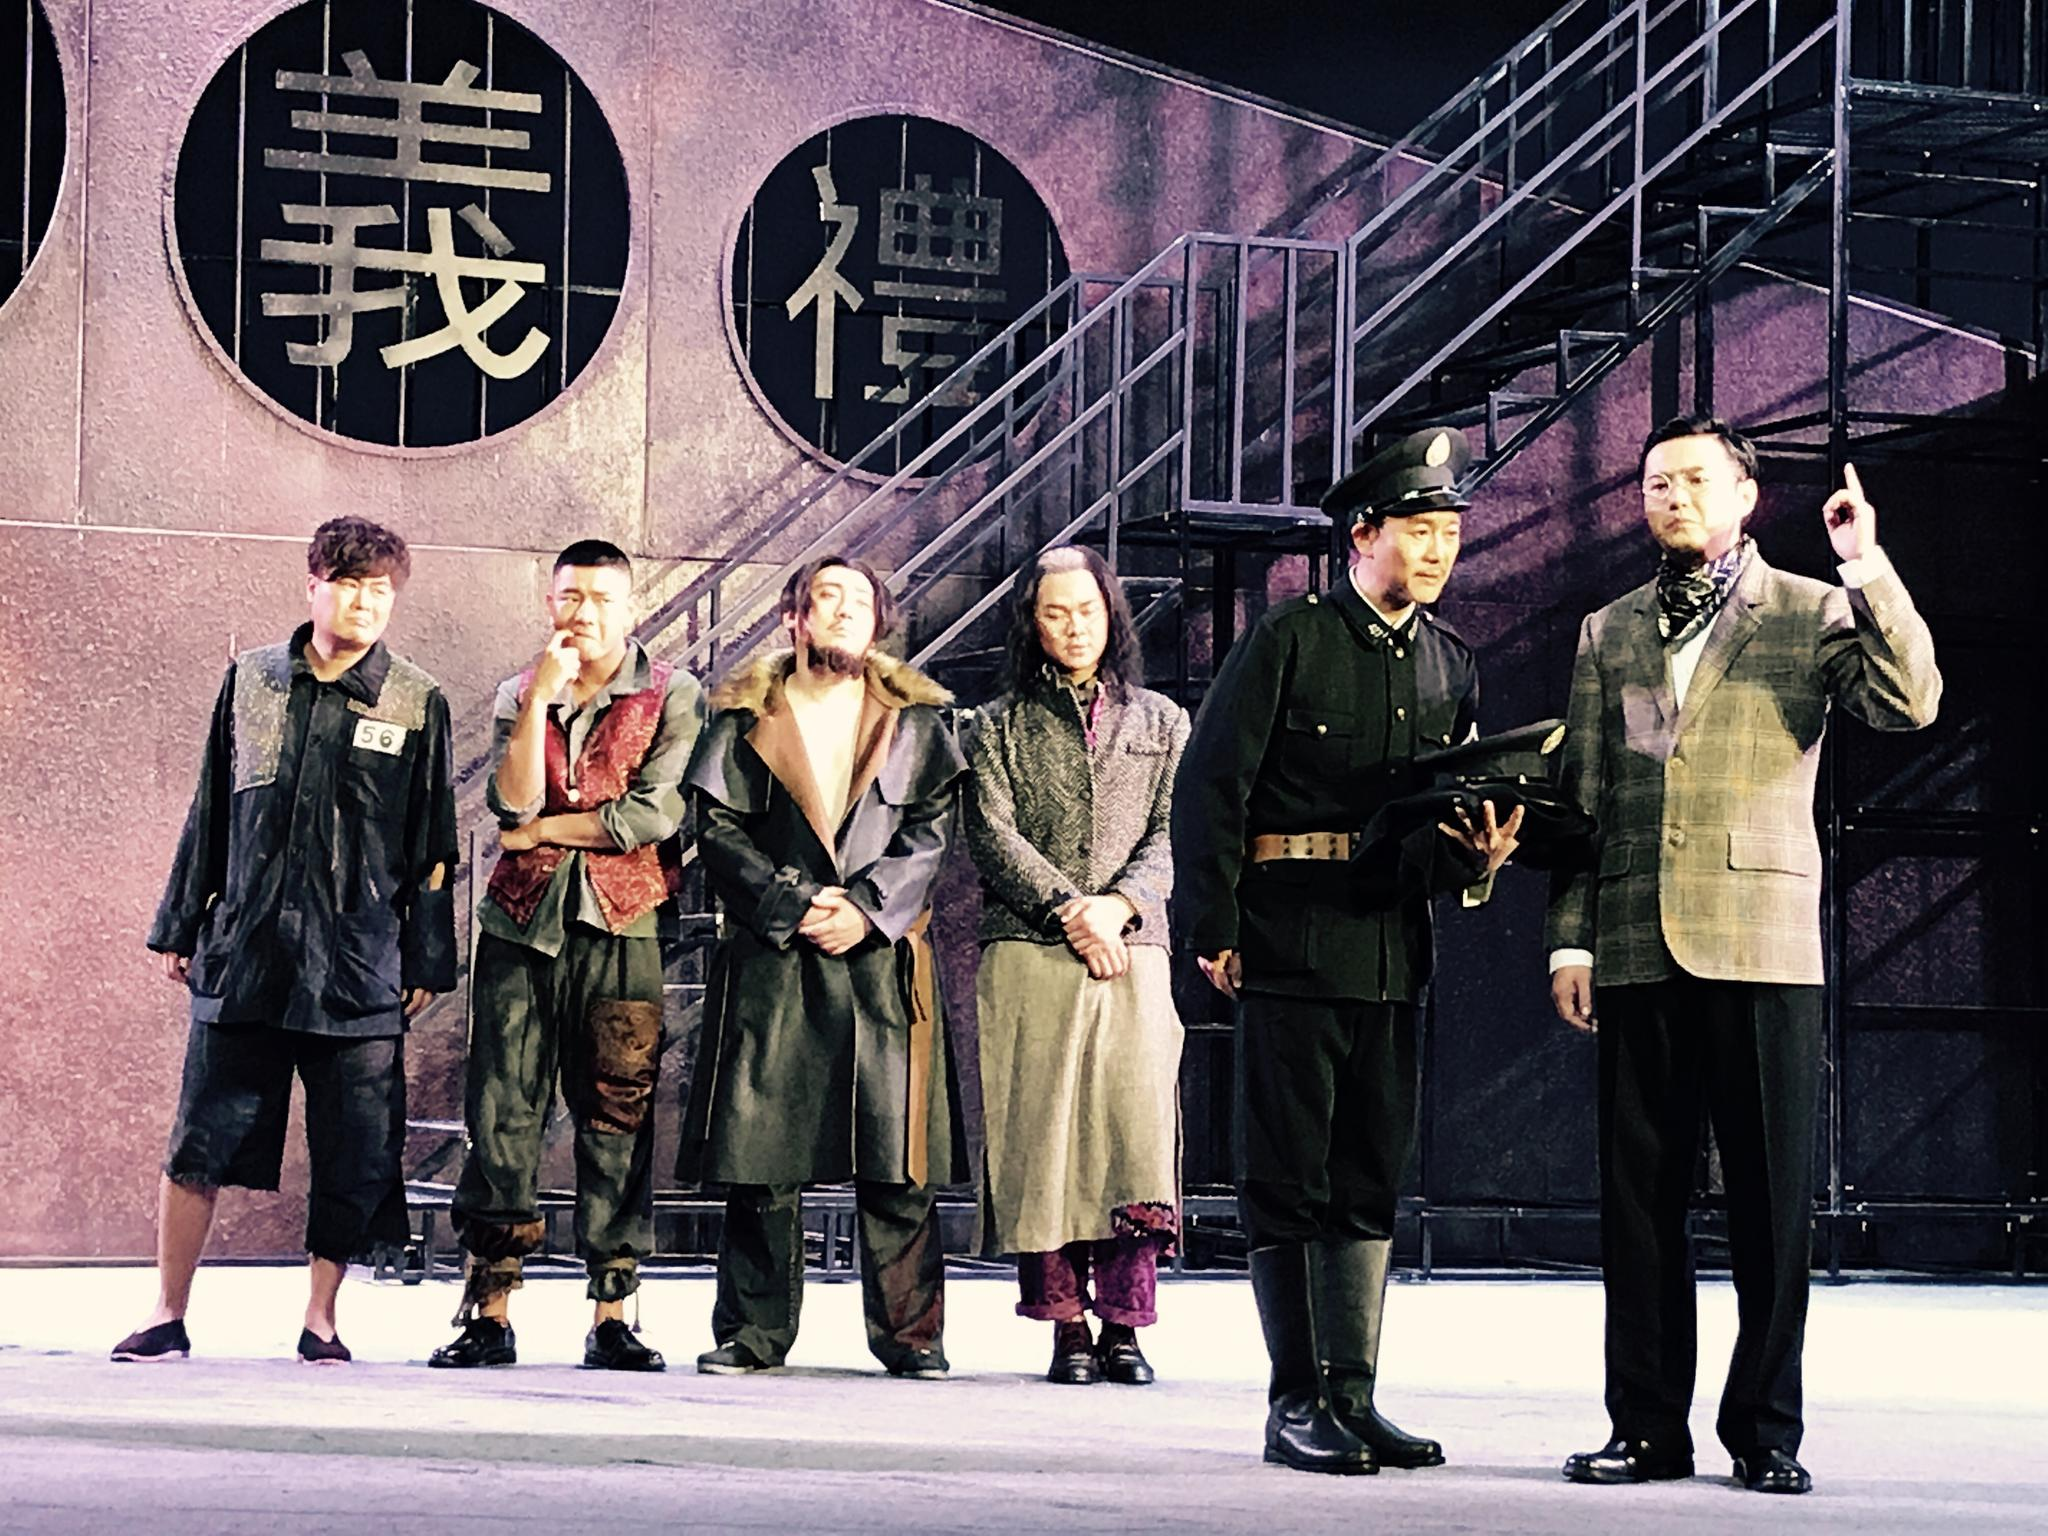 易中天话剧《模范监狱》片段首曝光 气氛悬疑紧张